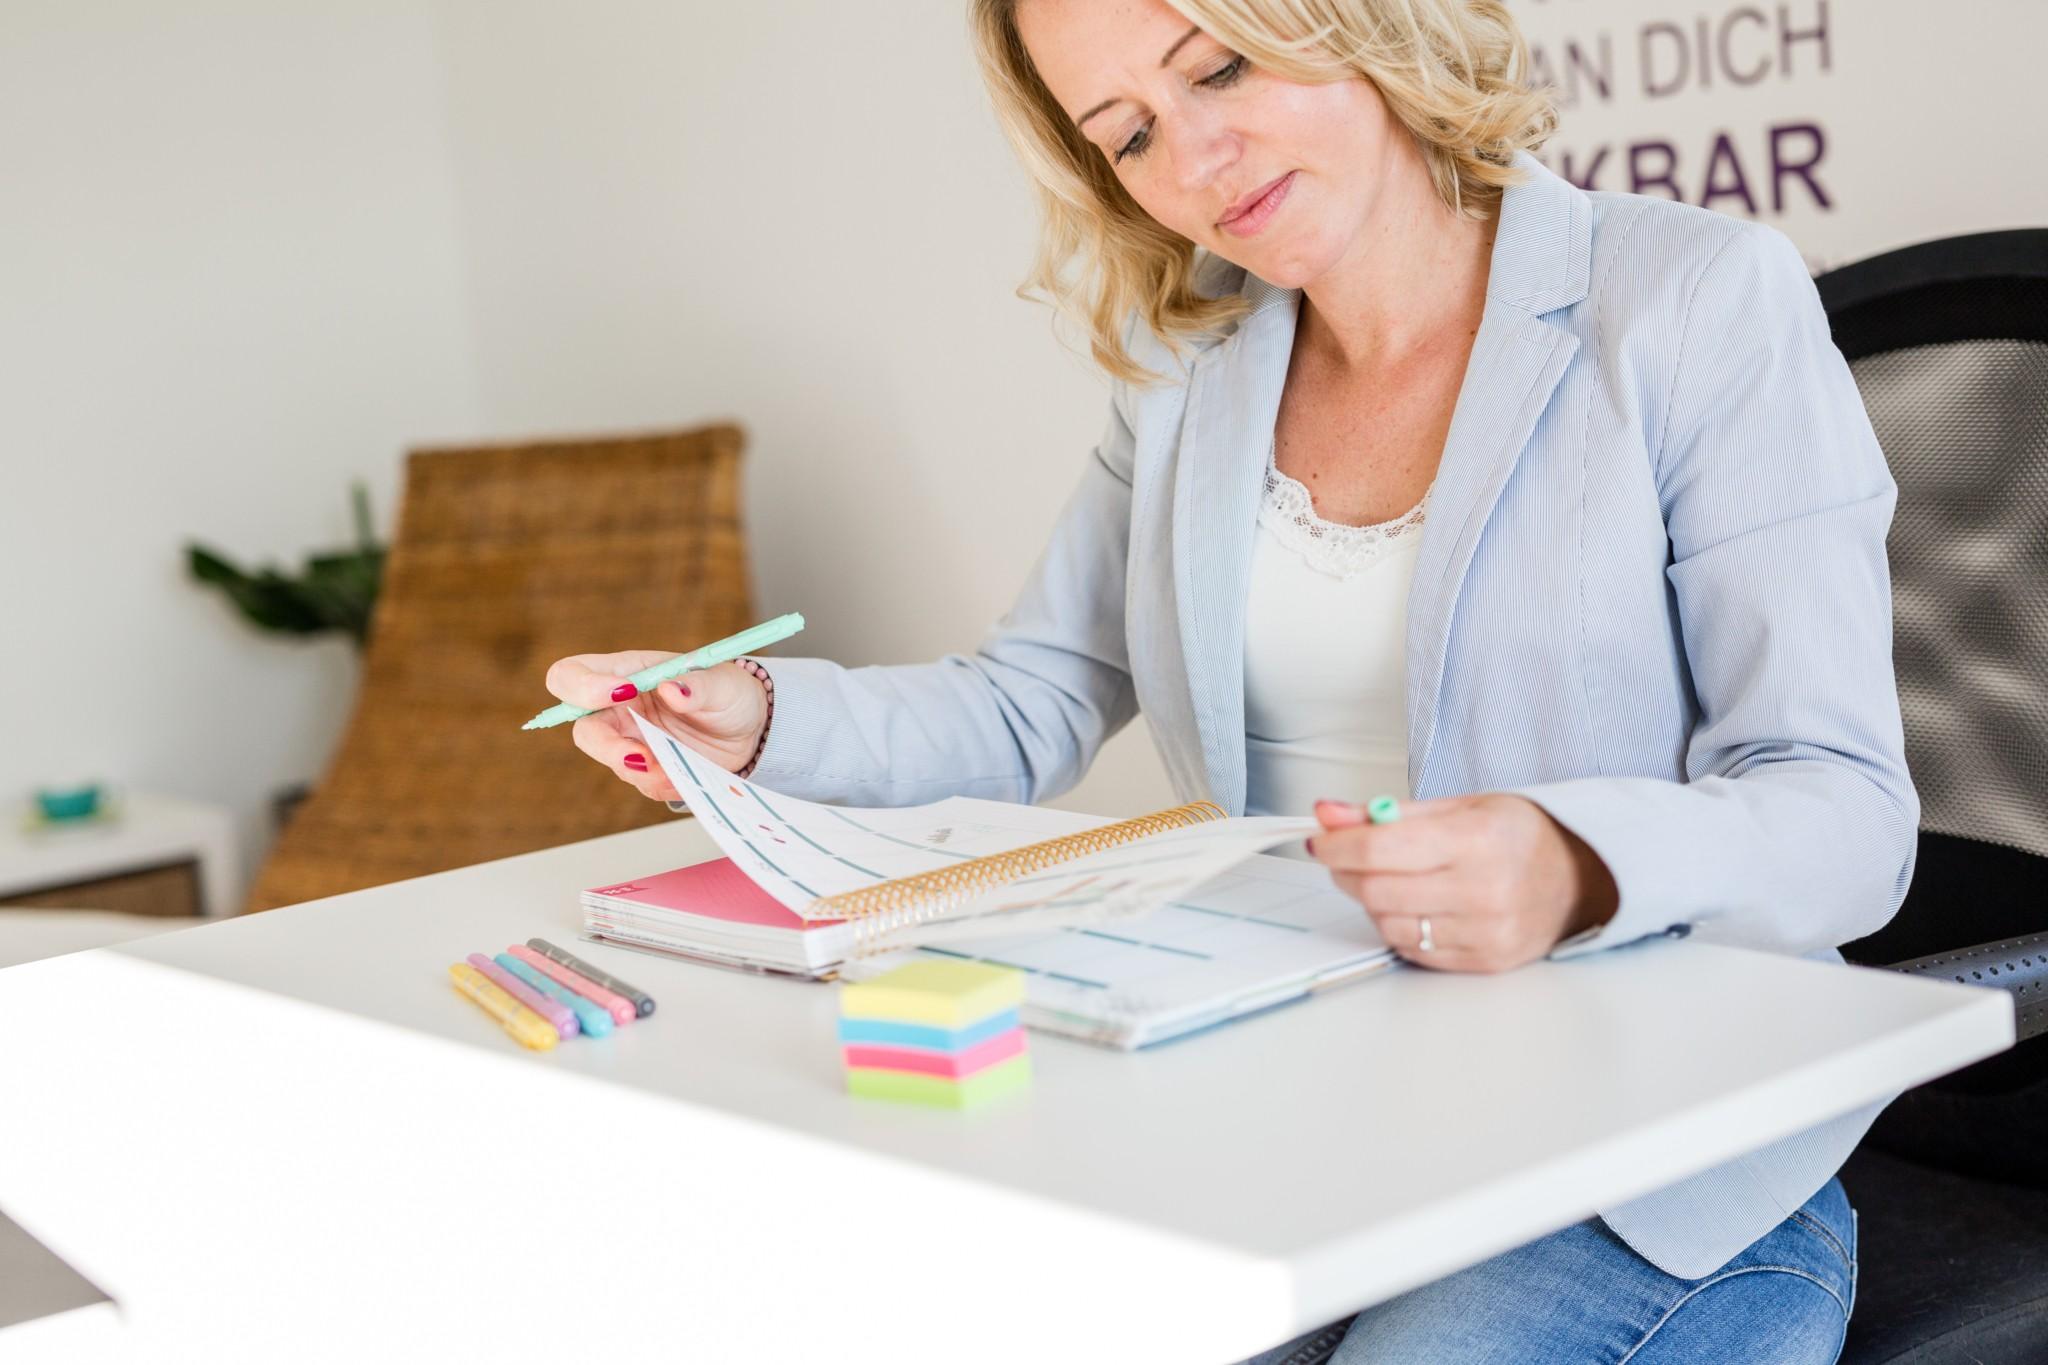 Wie du als kreative Scannerin ein erfolgreiches Business aufbaust